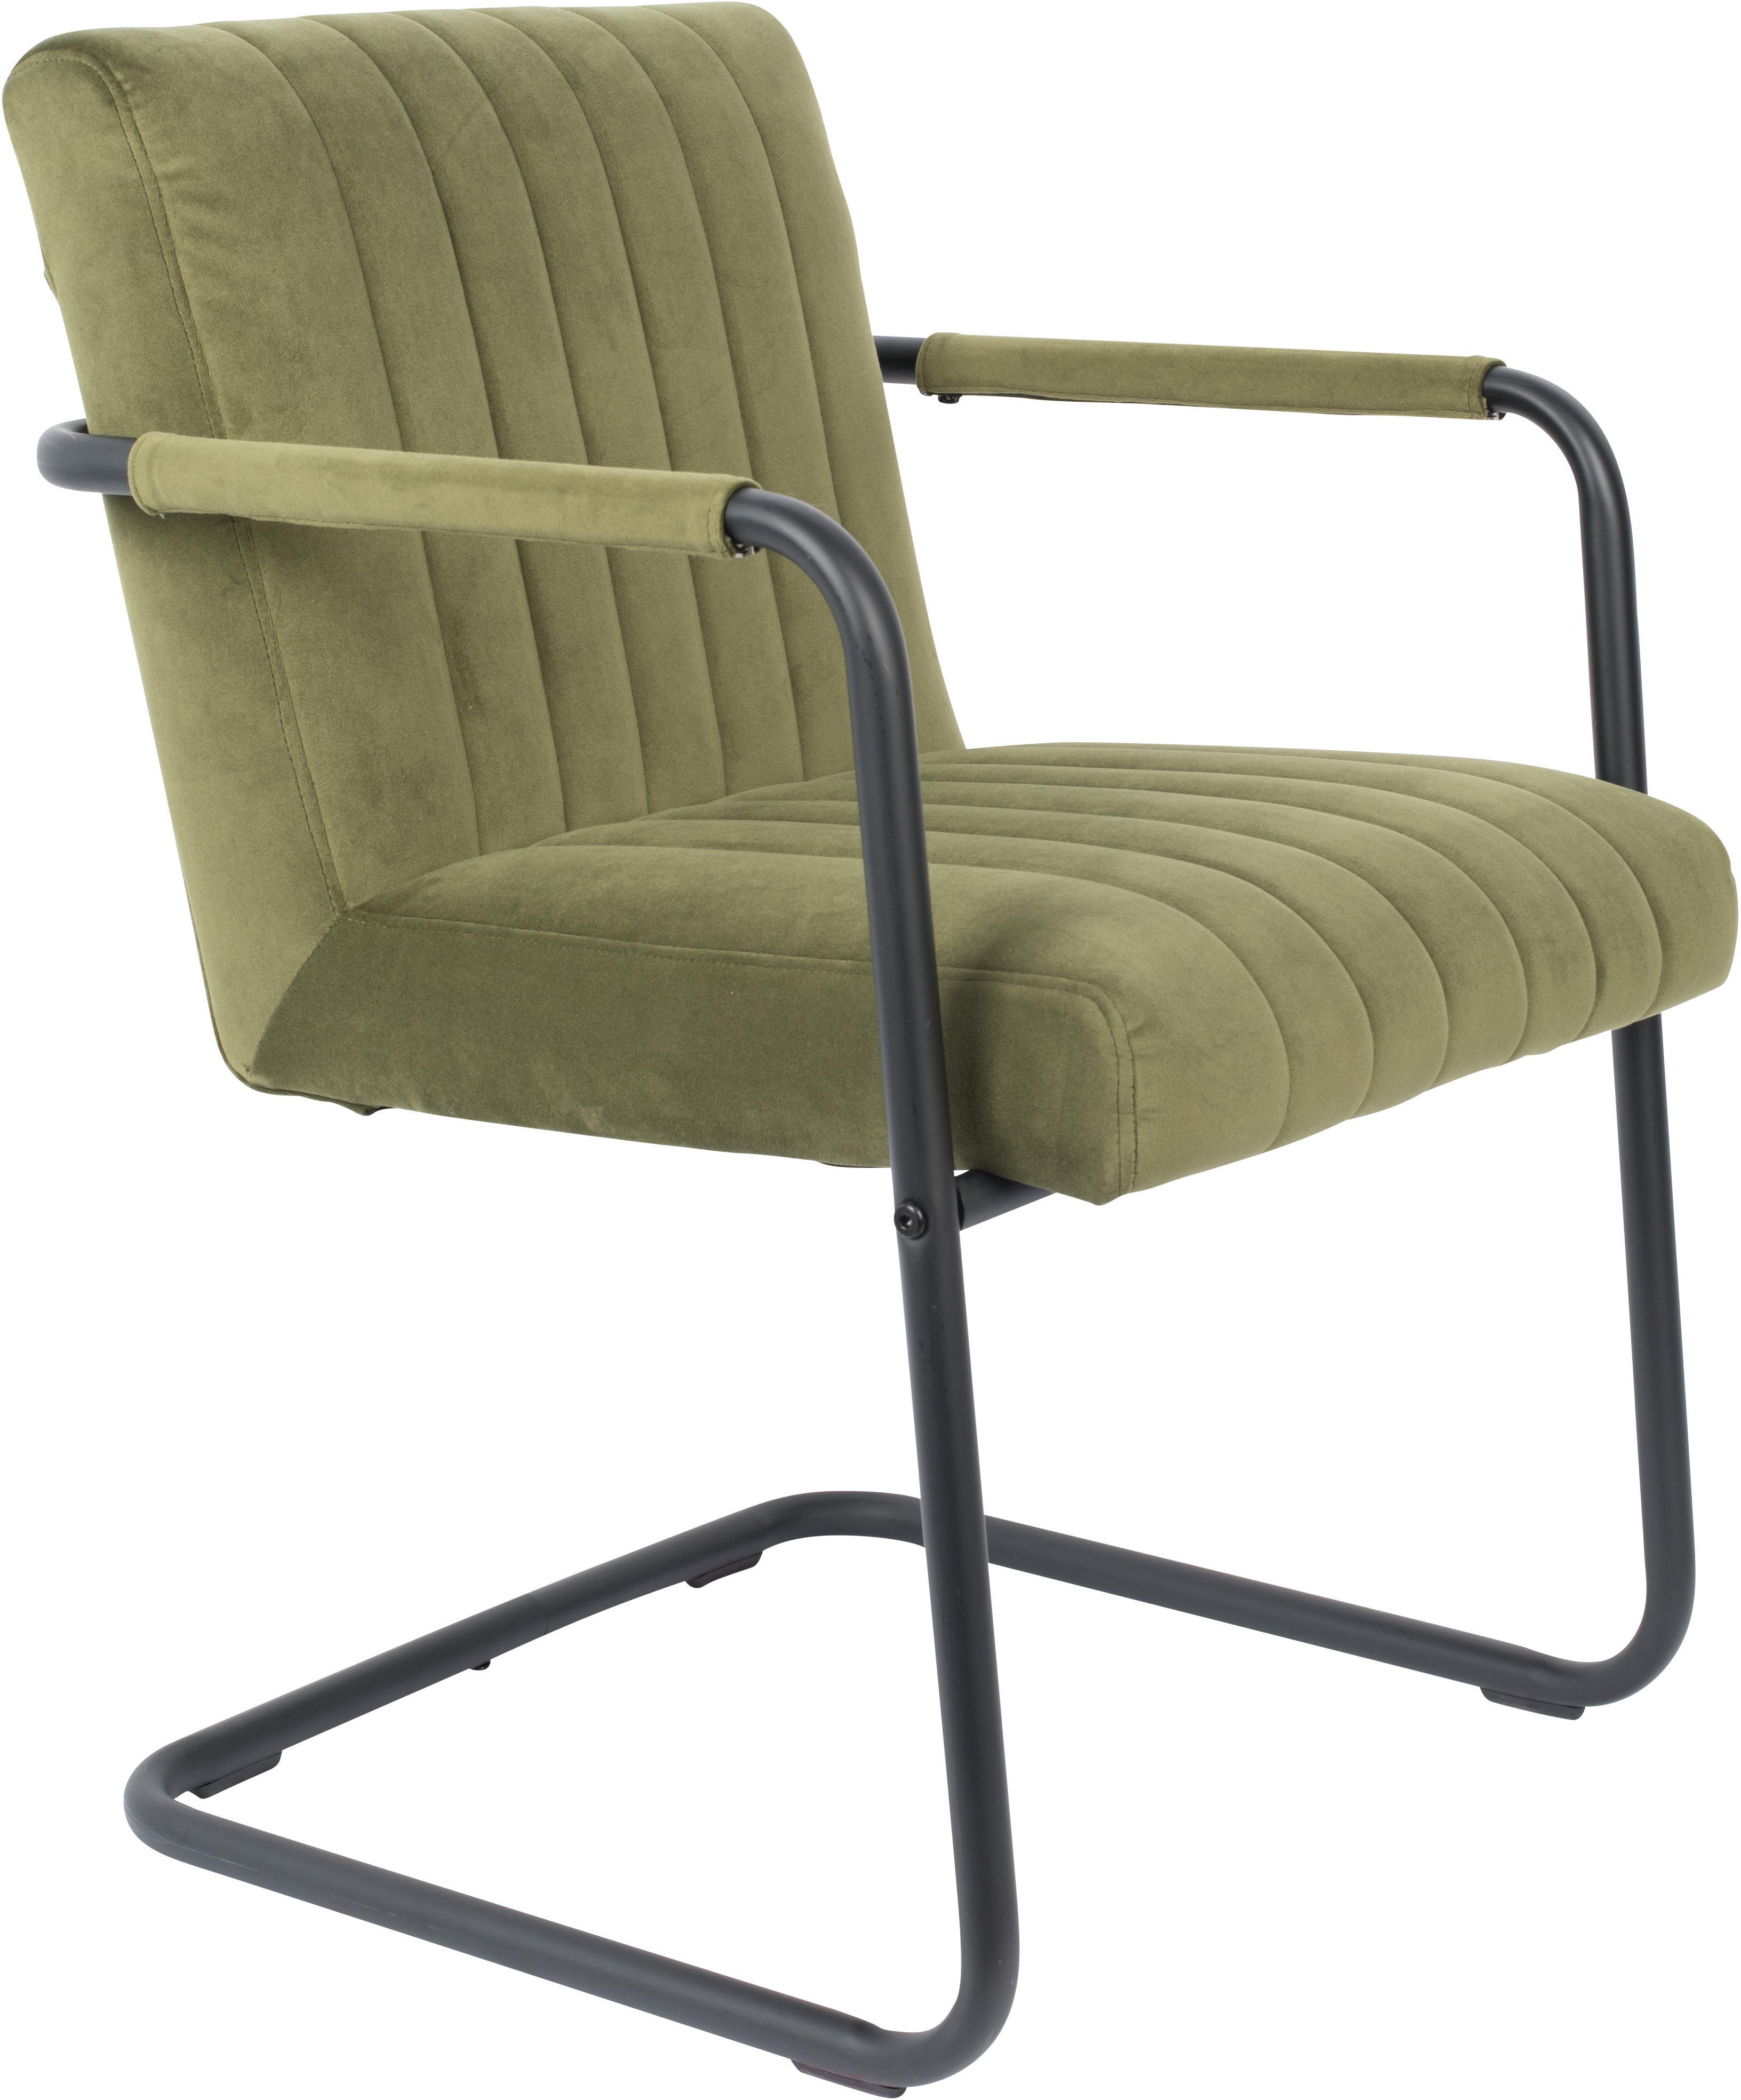 Samt-Freischwinger Stuhl Stitched mit Armlehne, Bezug: Polyestersamt 100.000 Sch, Gestell: Metall, pulverbeschichtet, Olivgrün, B 58 x T 66 cm